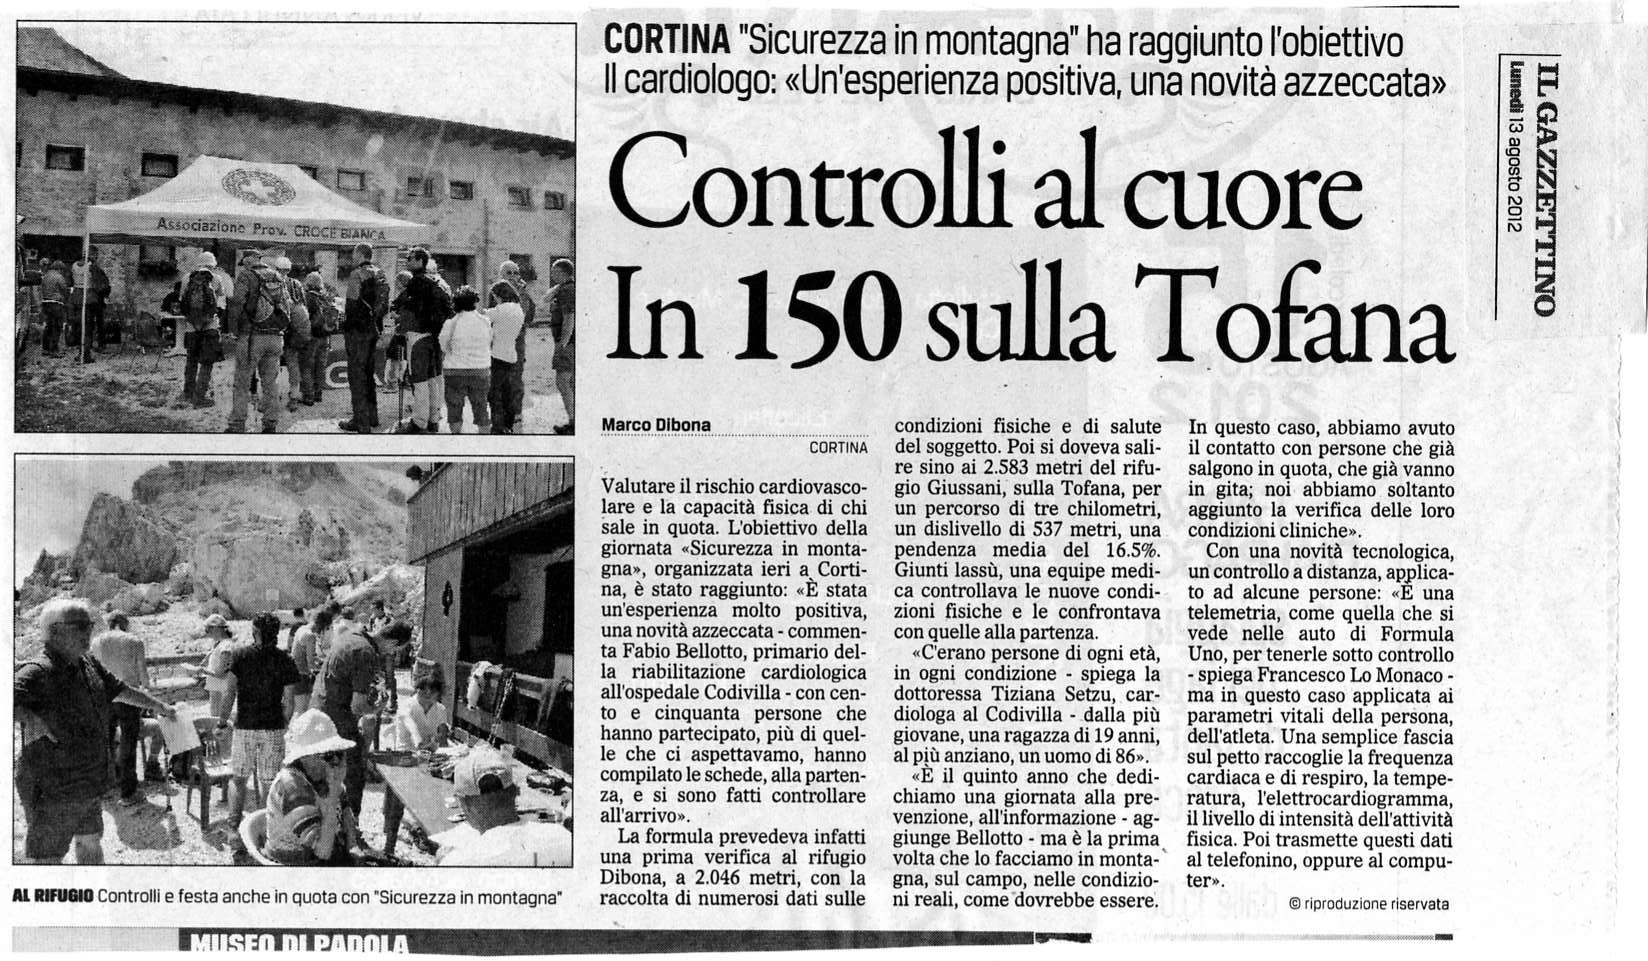 Articolo sul Gazzettino del 13 agosto 2012